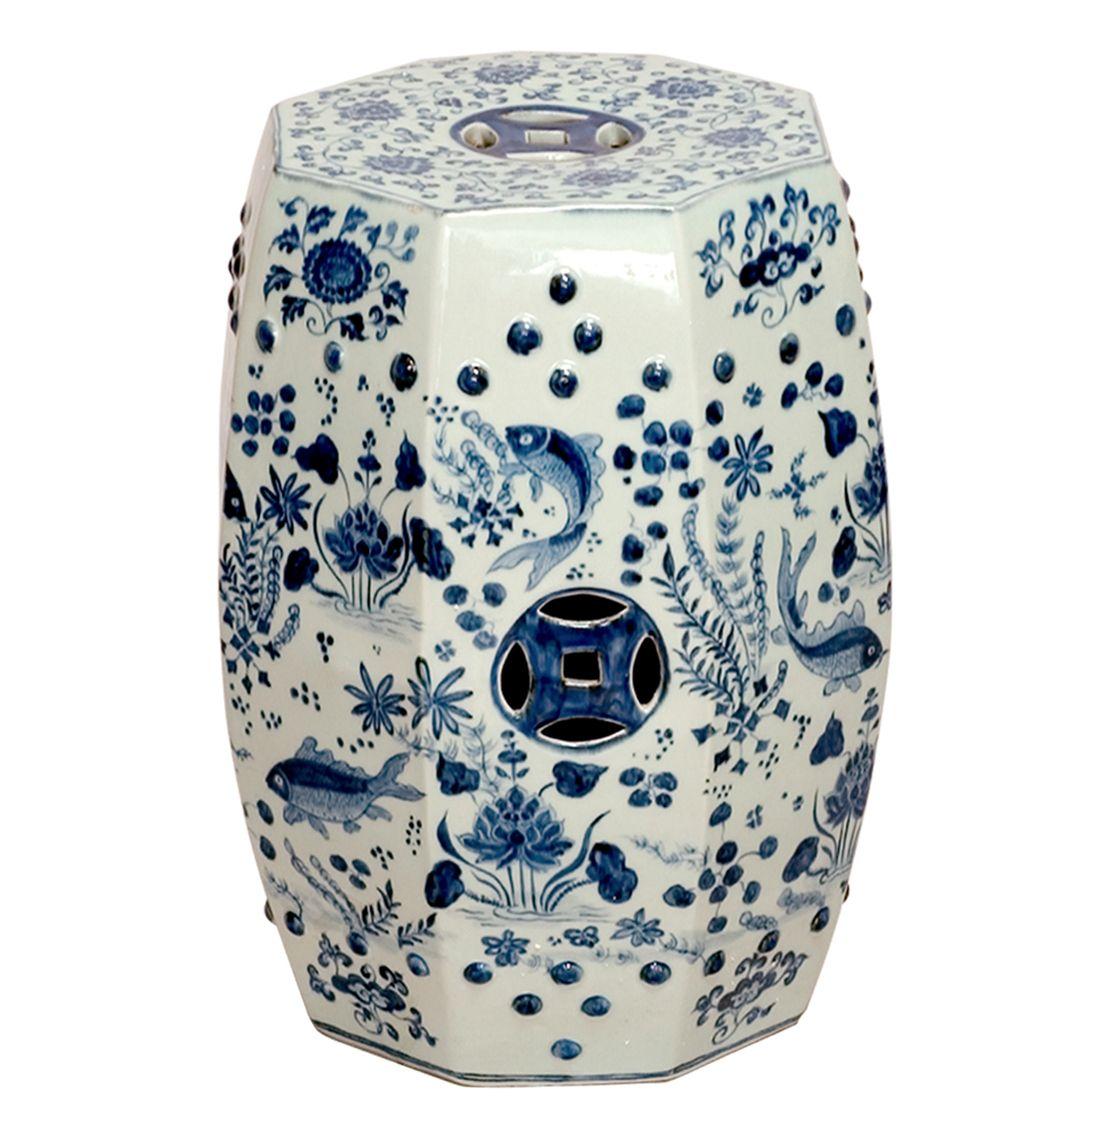 Octagon Blue and White Koi Fish Ceramic Garden Stool Seat